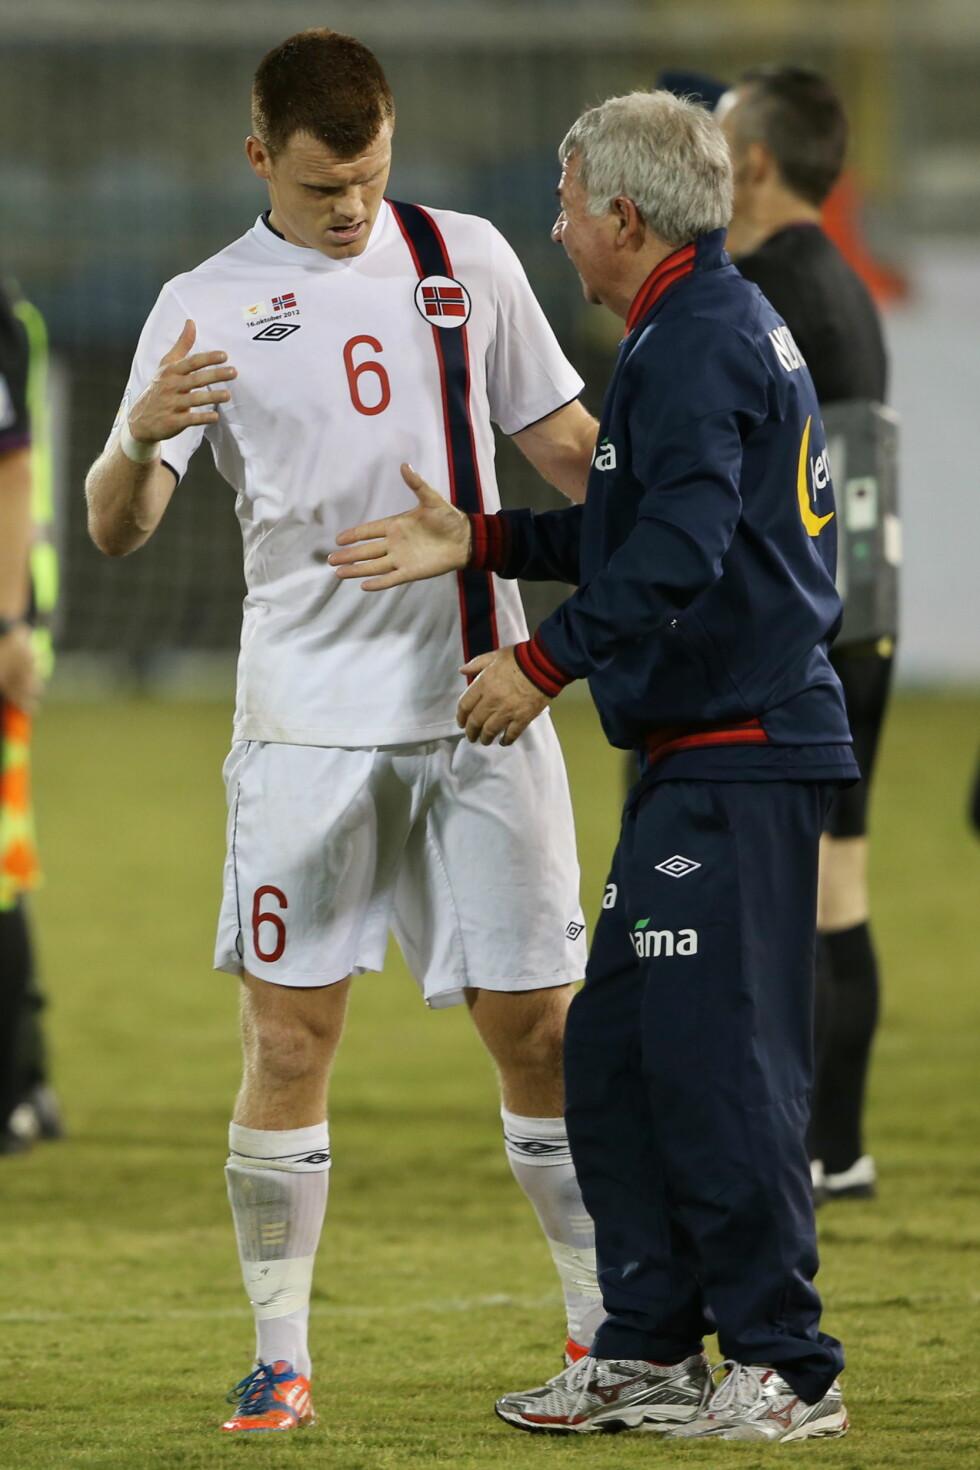 <strong>LANDSLAGSVETERAN:</strong> John Arne Riise er en av tidenes mest profilerte landslagsspillere. Her er han sammen med trener Egil «Drillo» Olsen i 2012. Foto: NTB scanpix